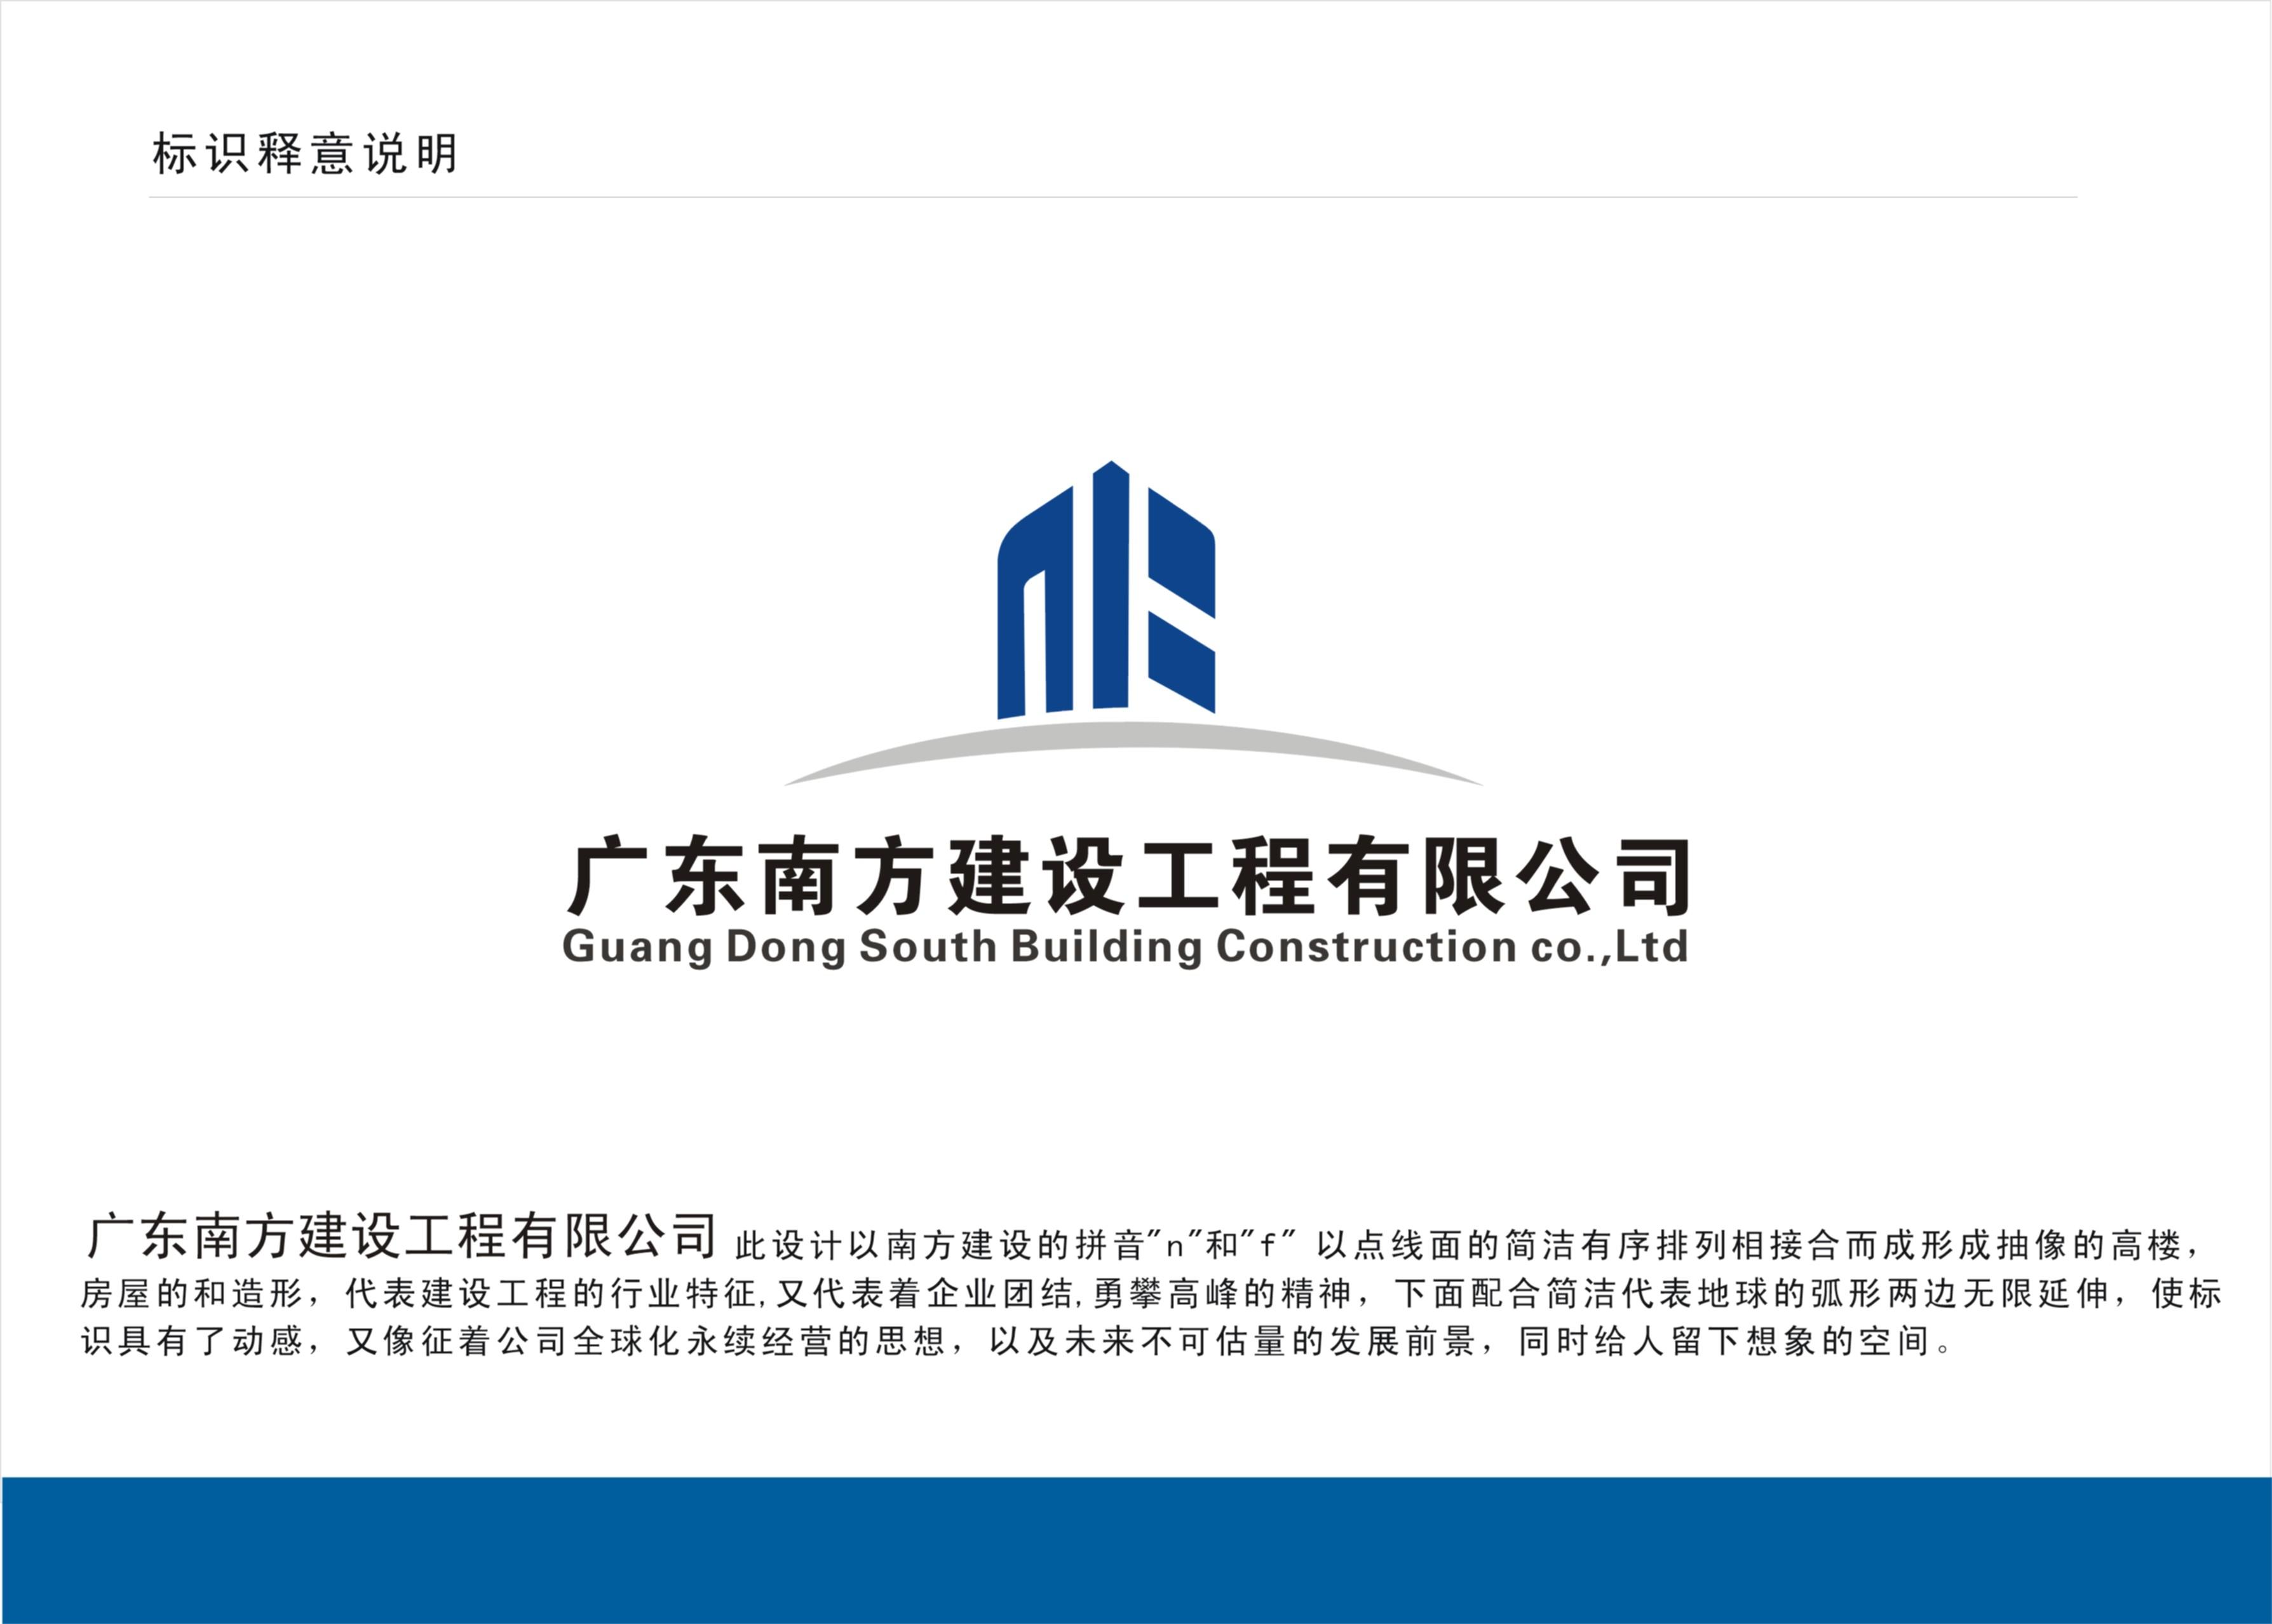 广东南方建设集团有限公司